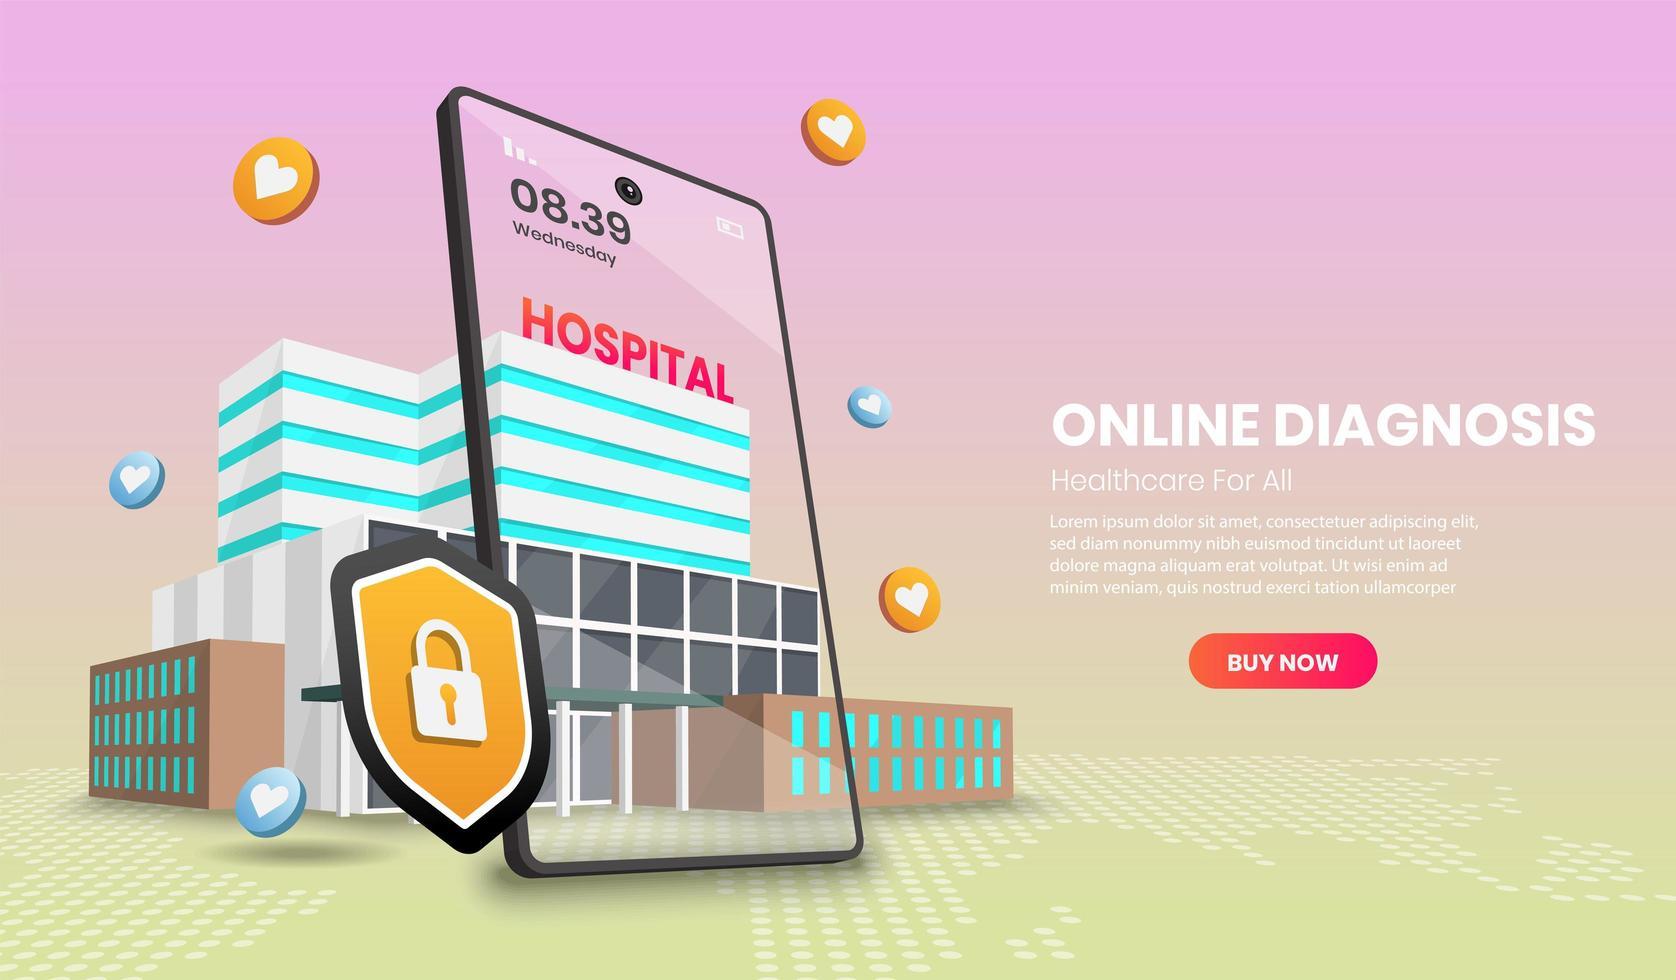 webbsida för online-diagnos vektor